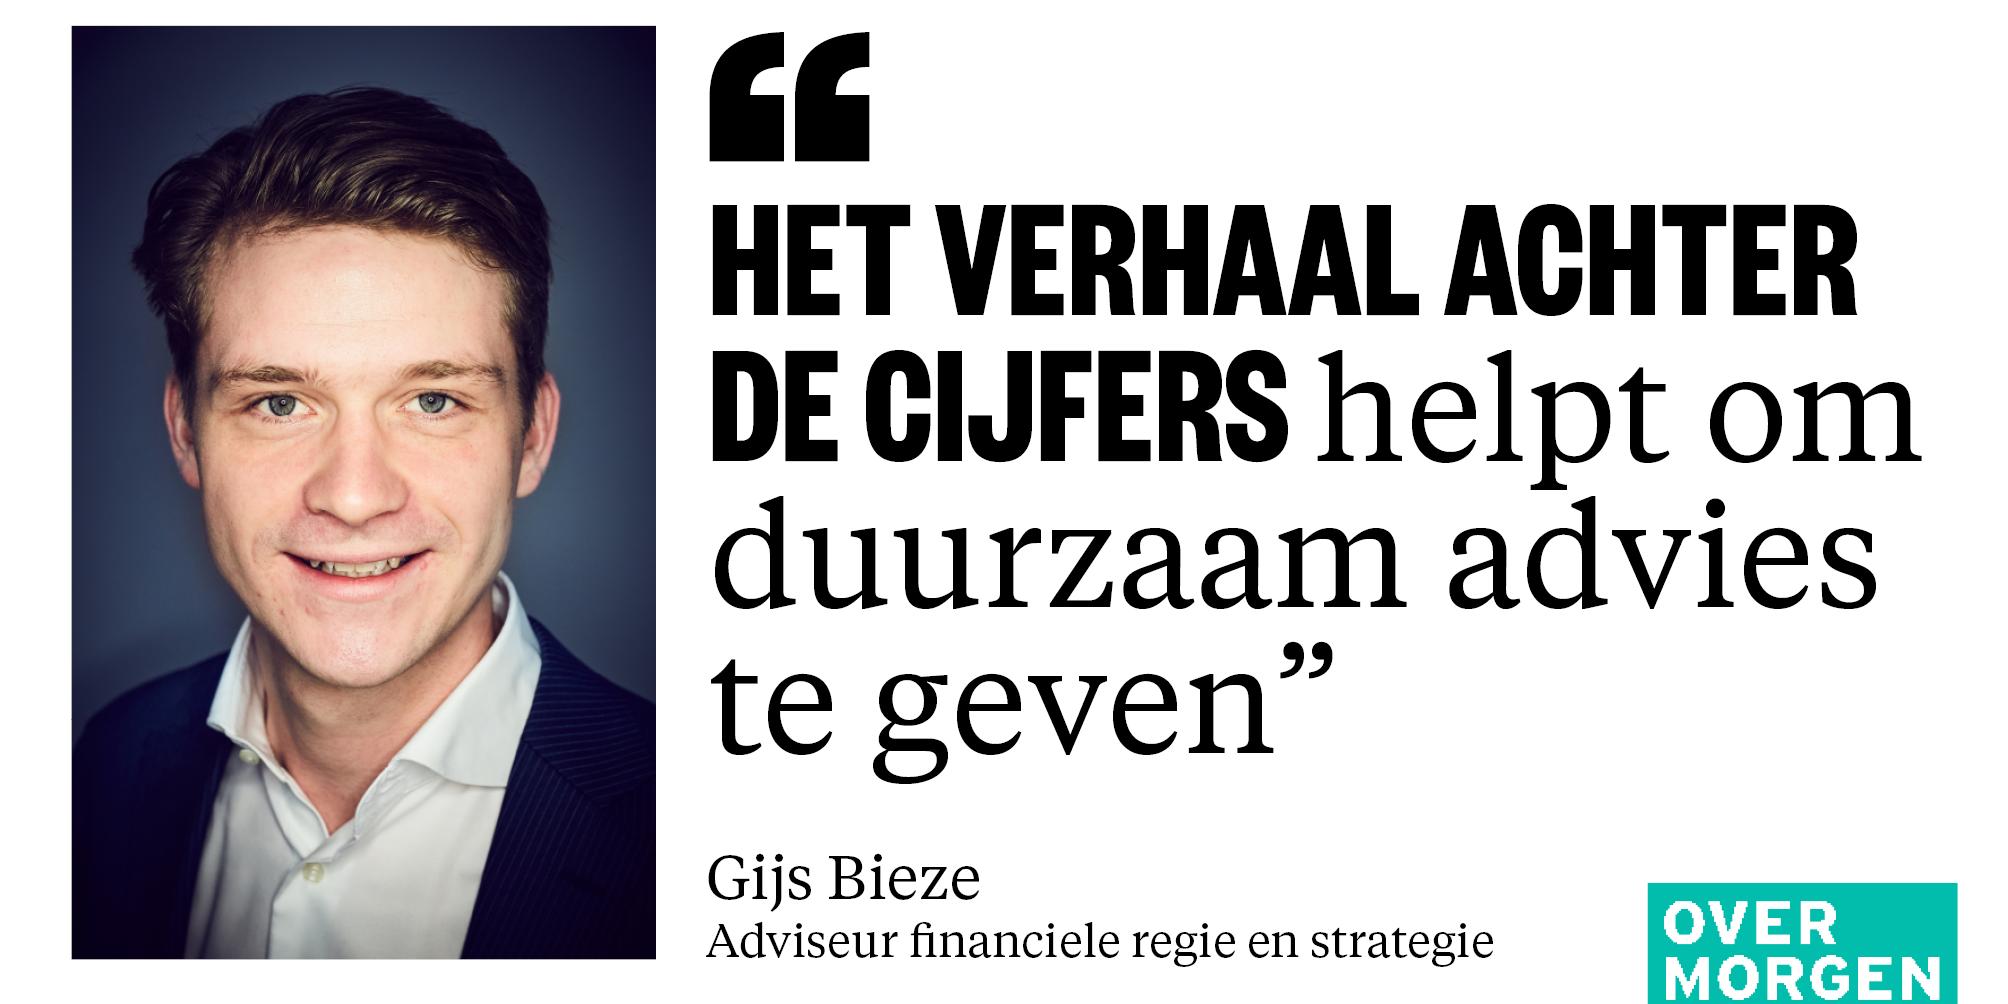 Gijs Bieze